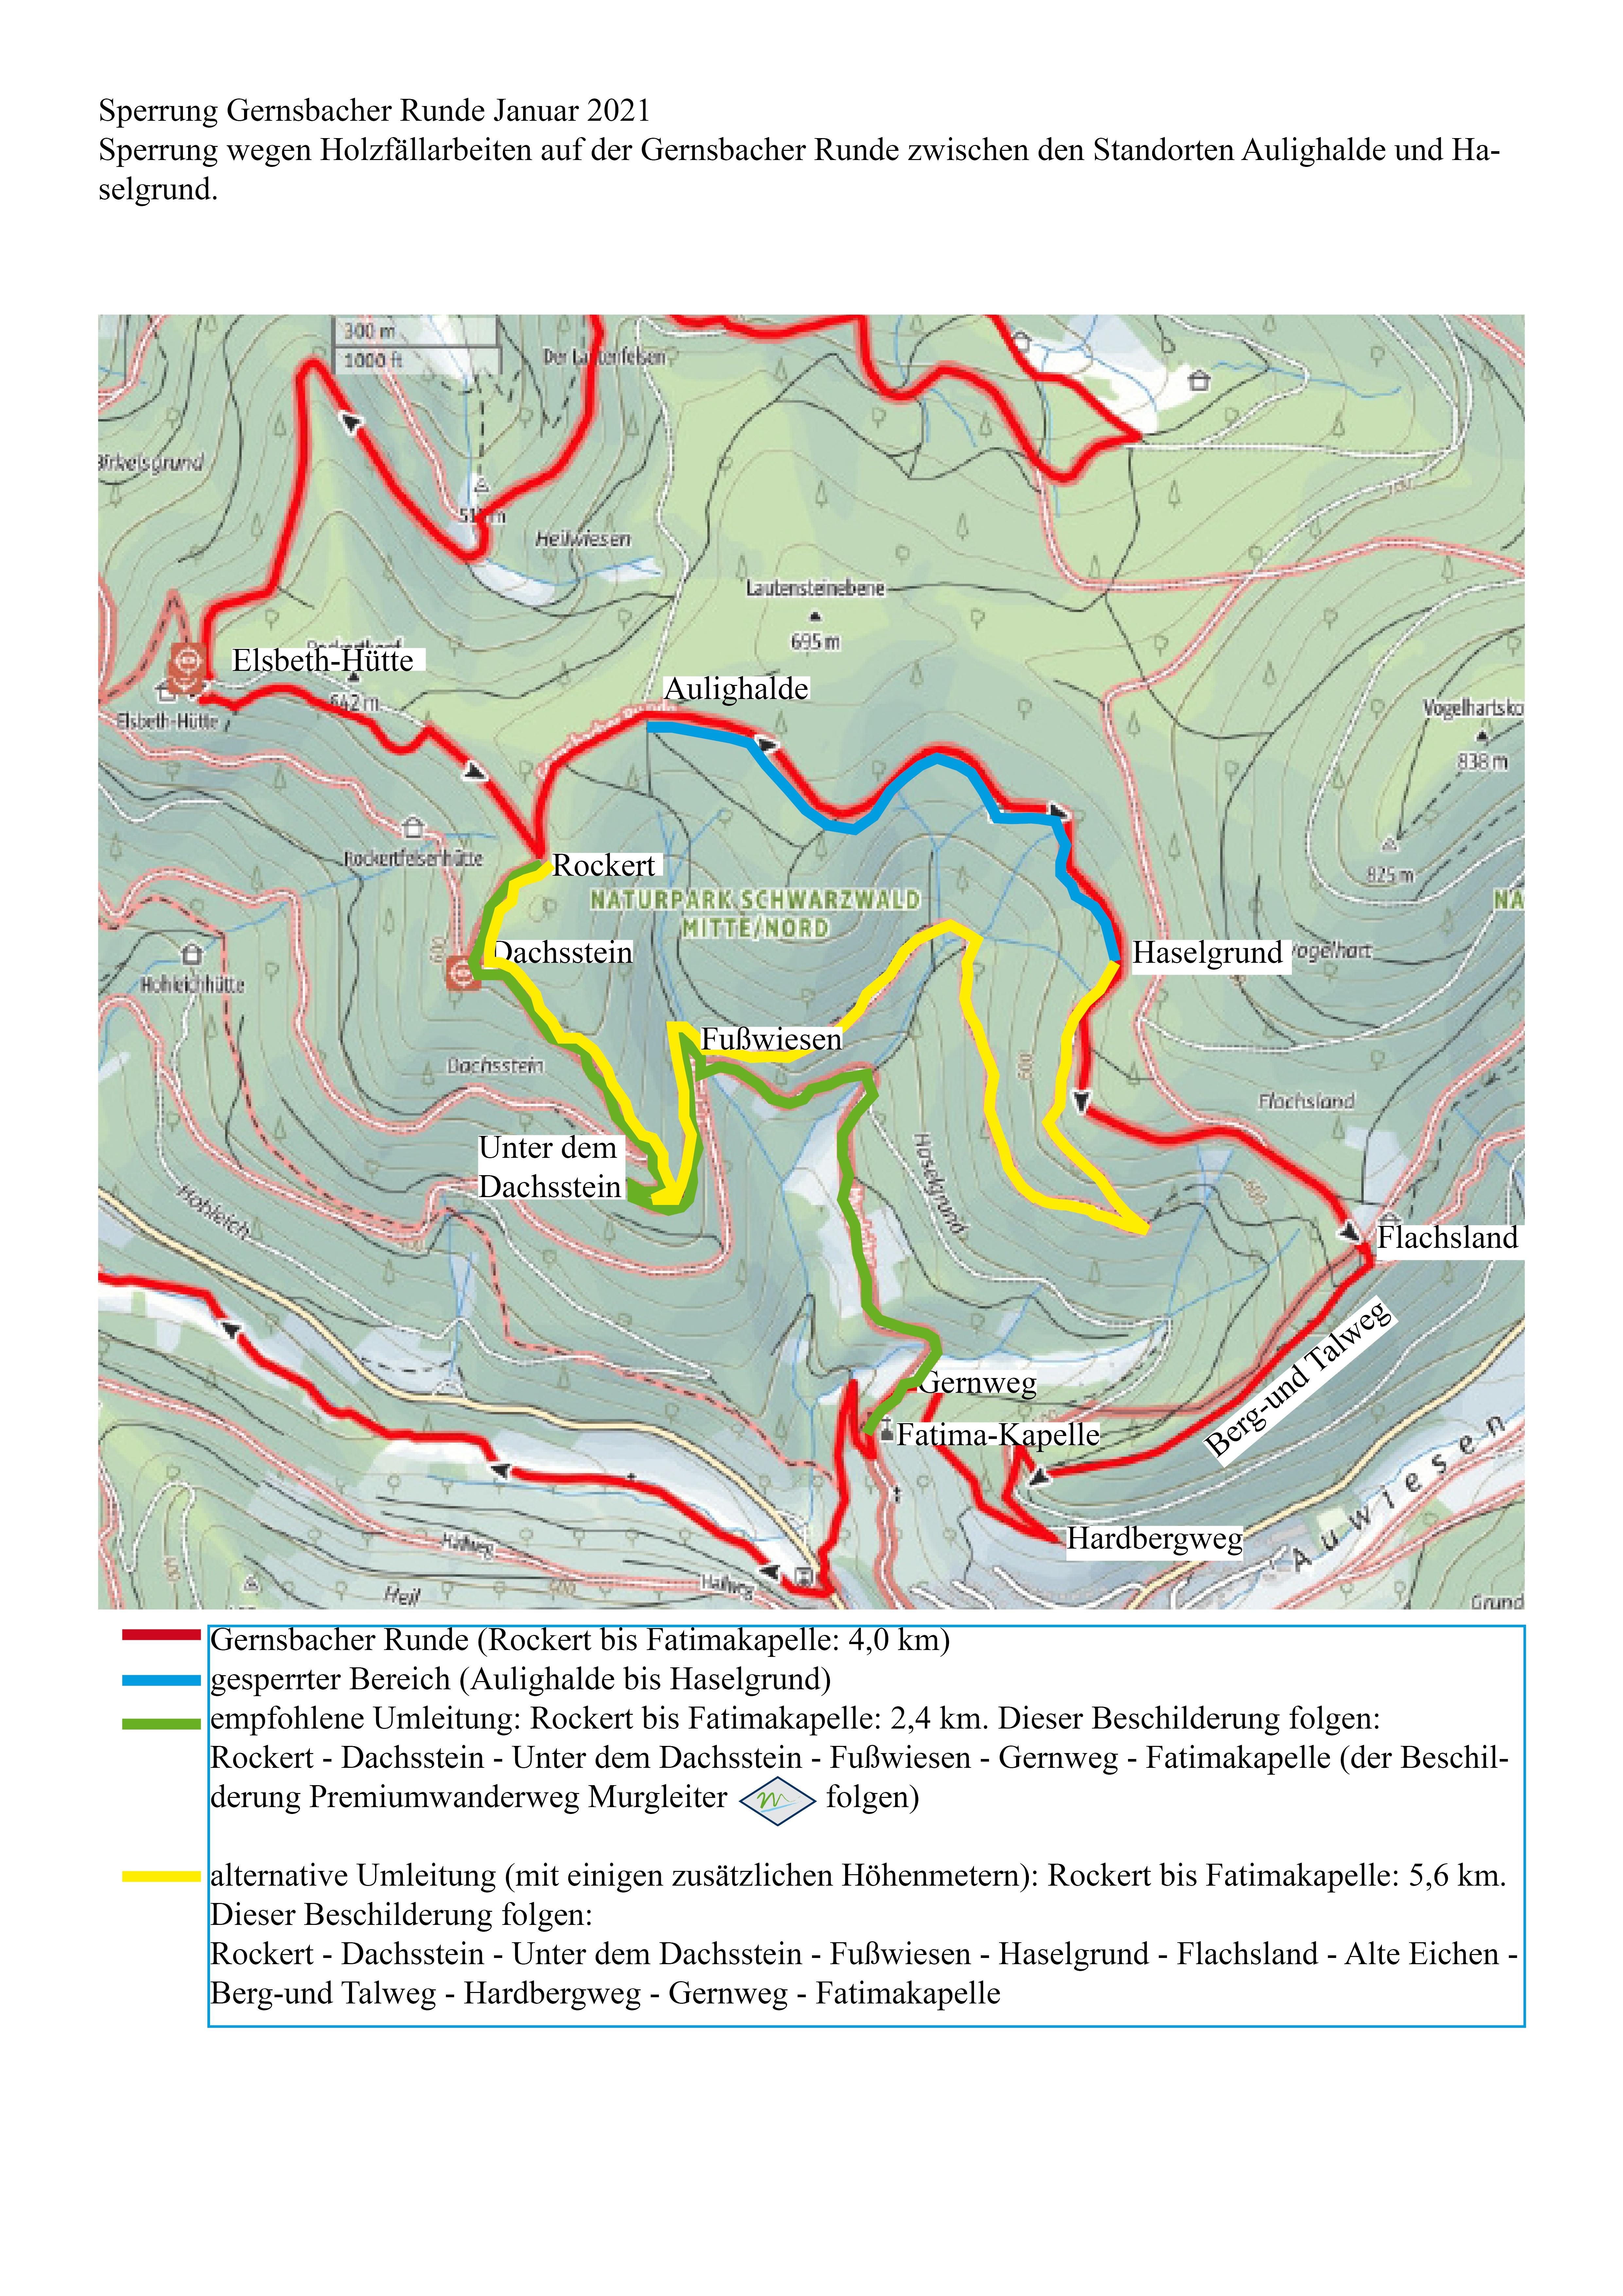 Umleitung Gernsbacher Runde Januar 2021 zwischen Aulighalde und Haselgrund